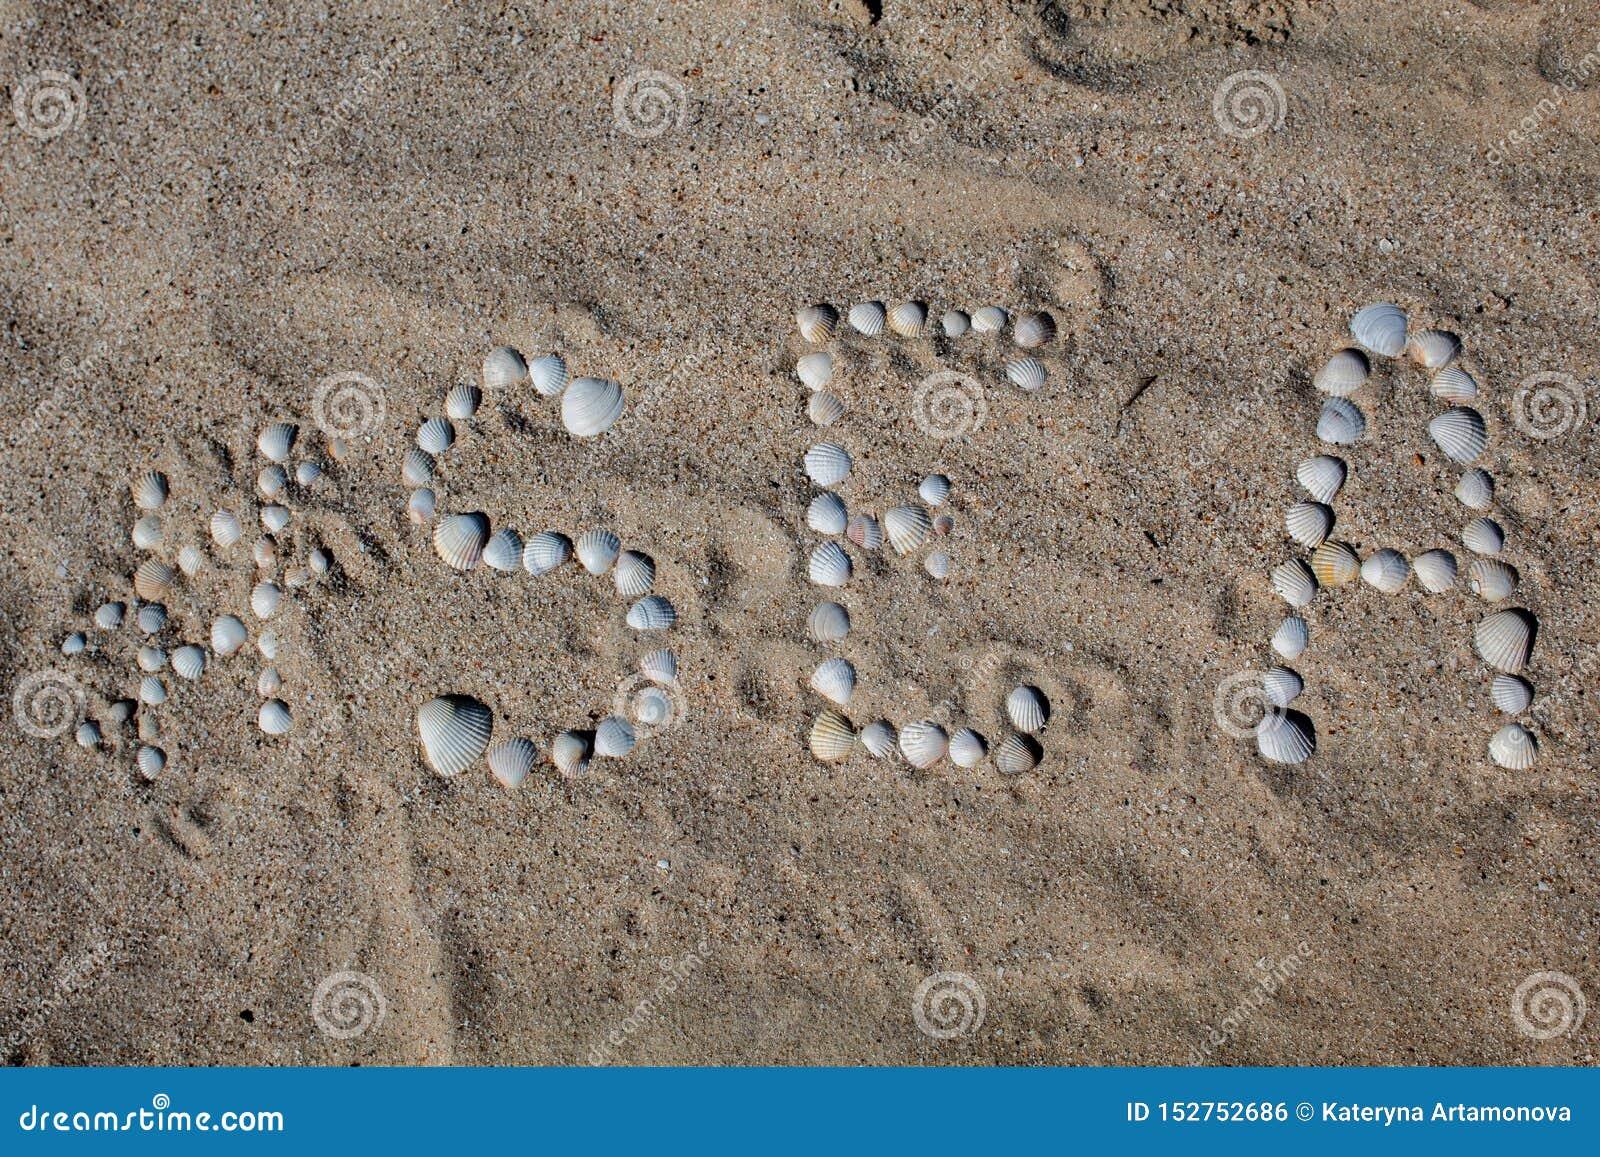 Il mare di parola in inglese, presentato sulla sabbia con le coperture